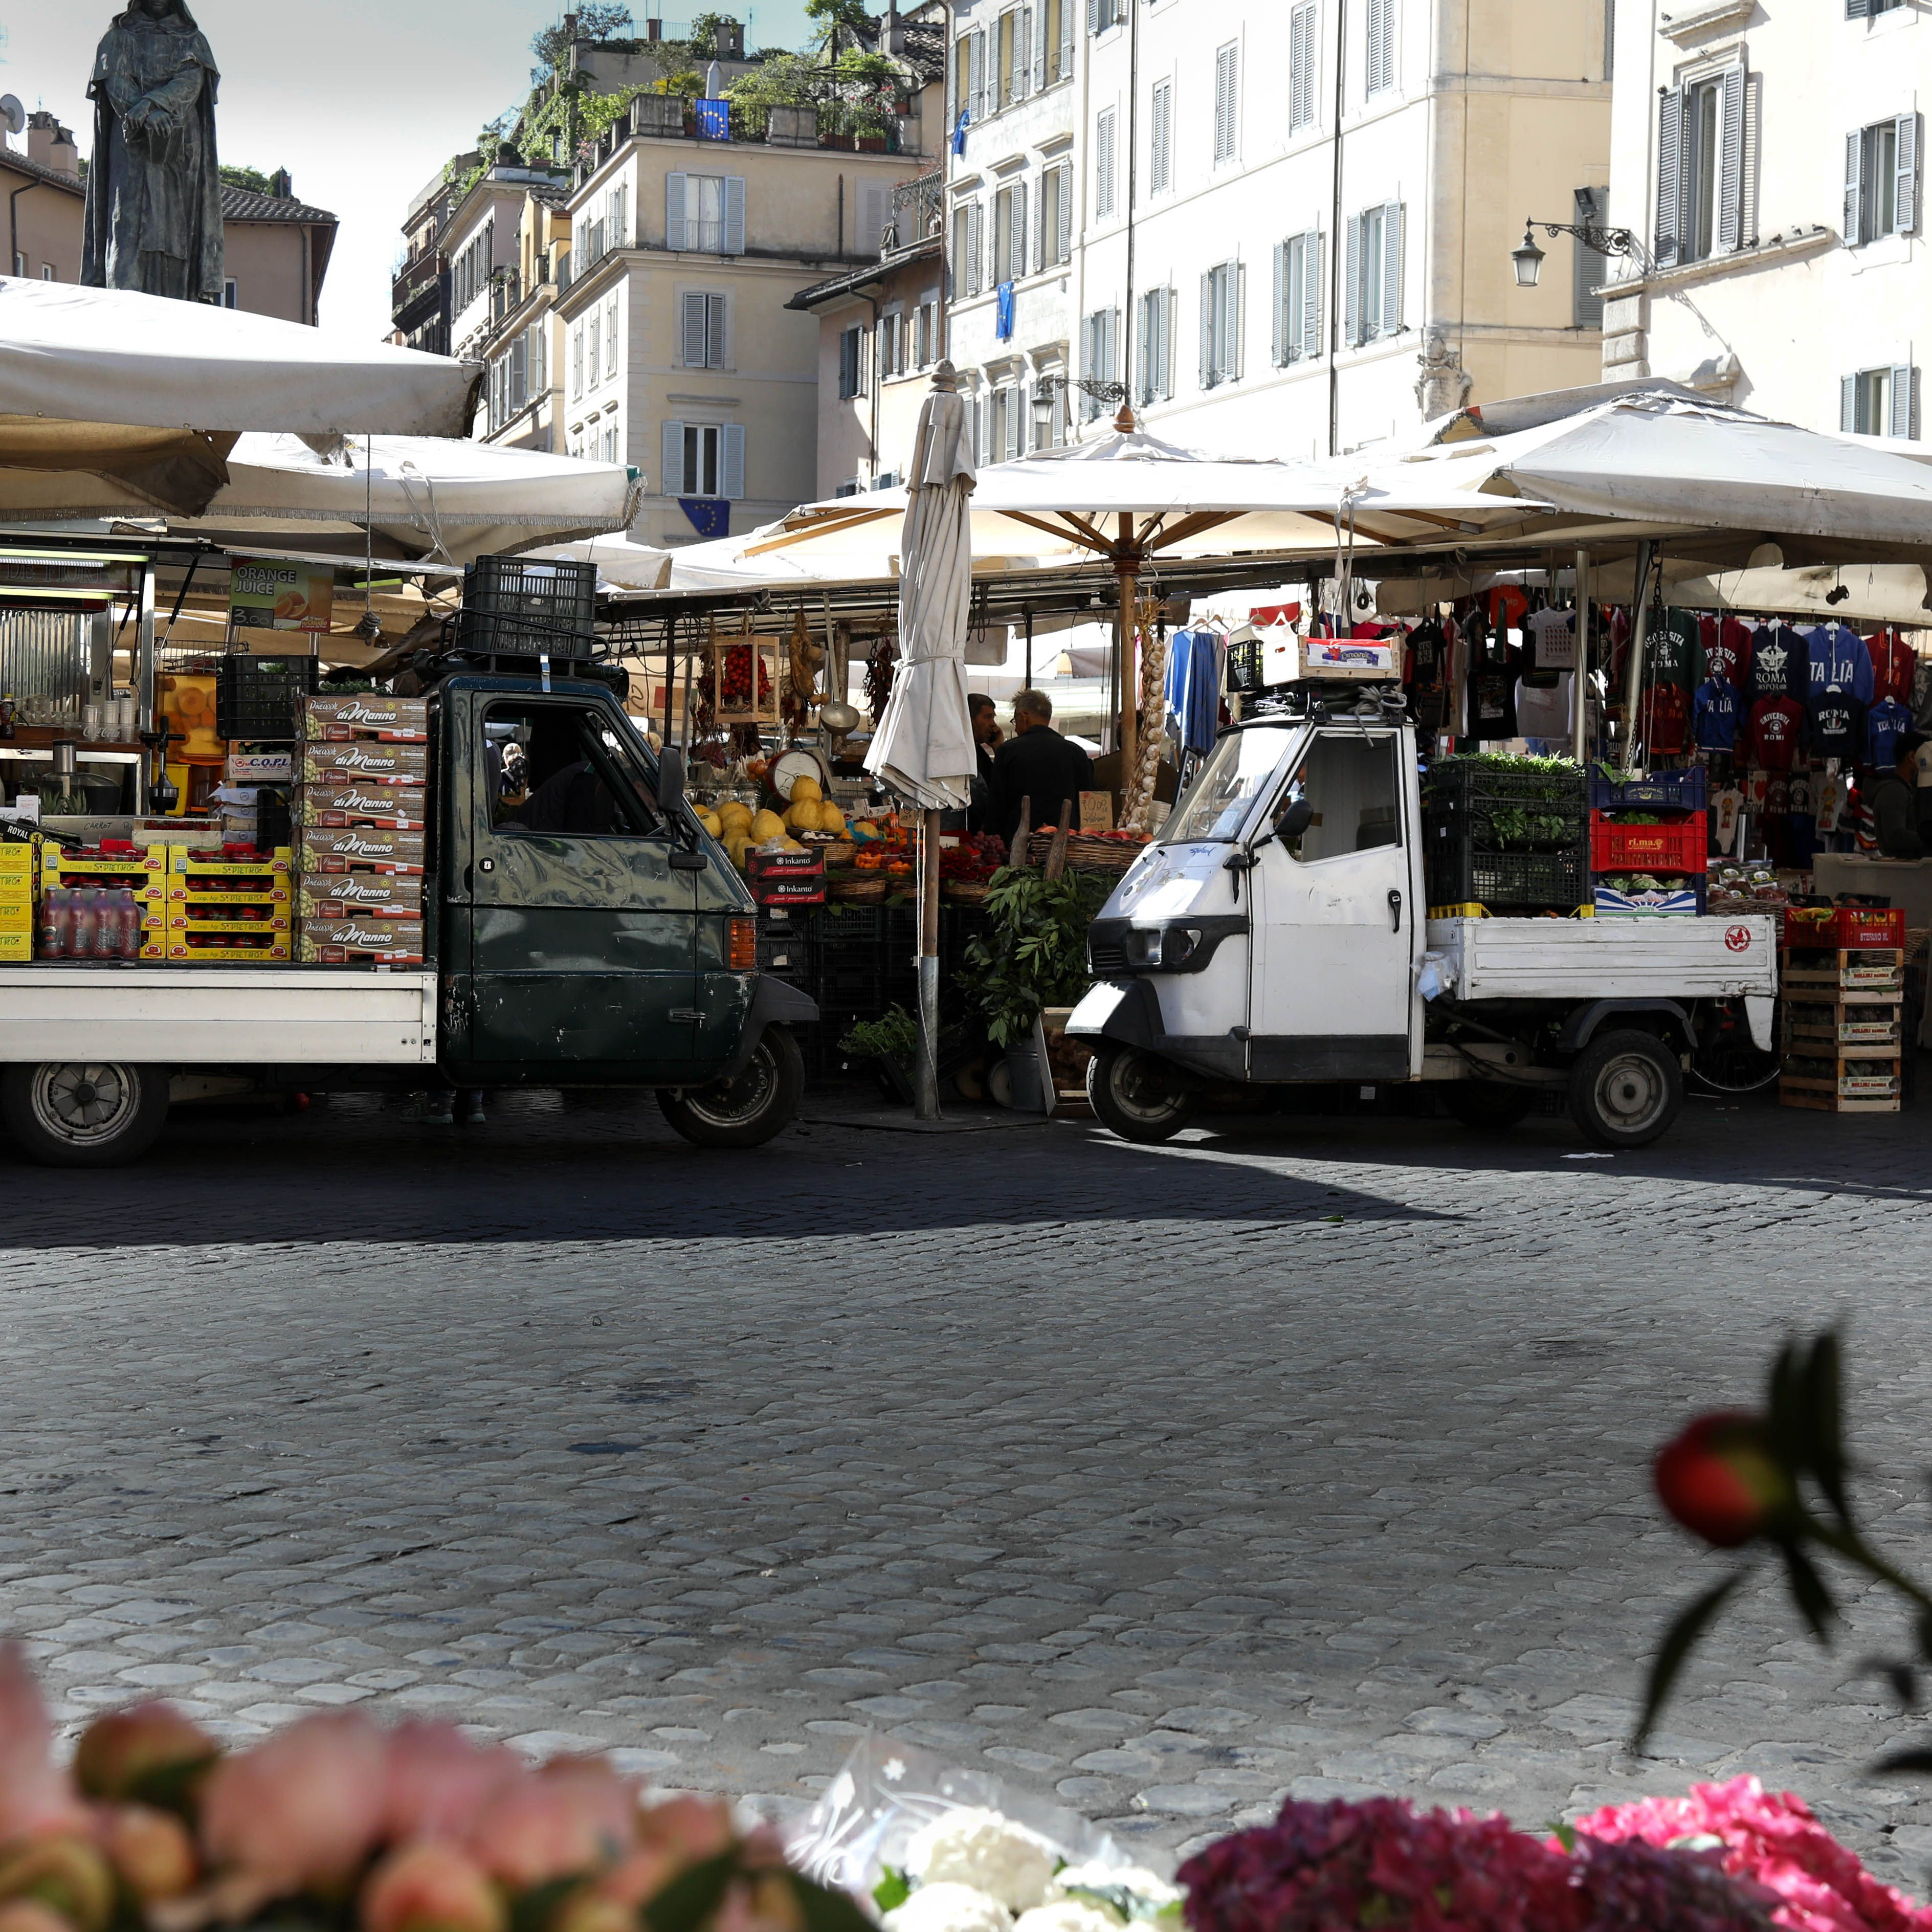 Un mercado de granjeros en Roma